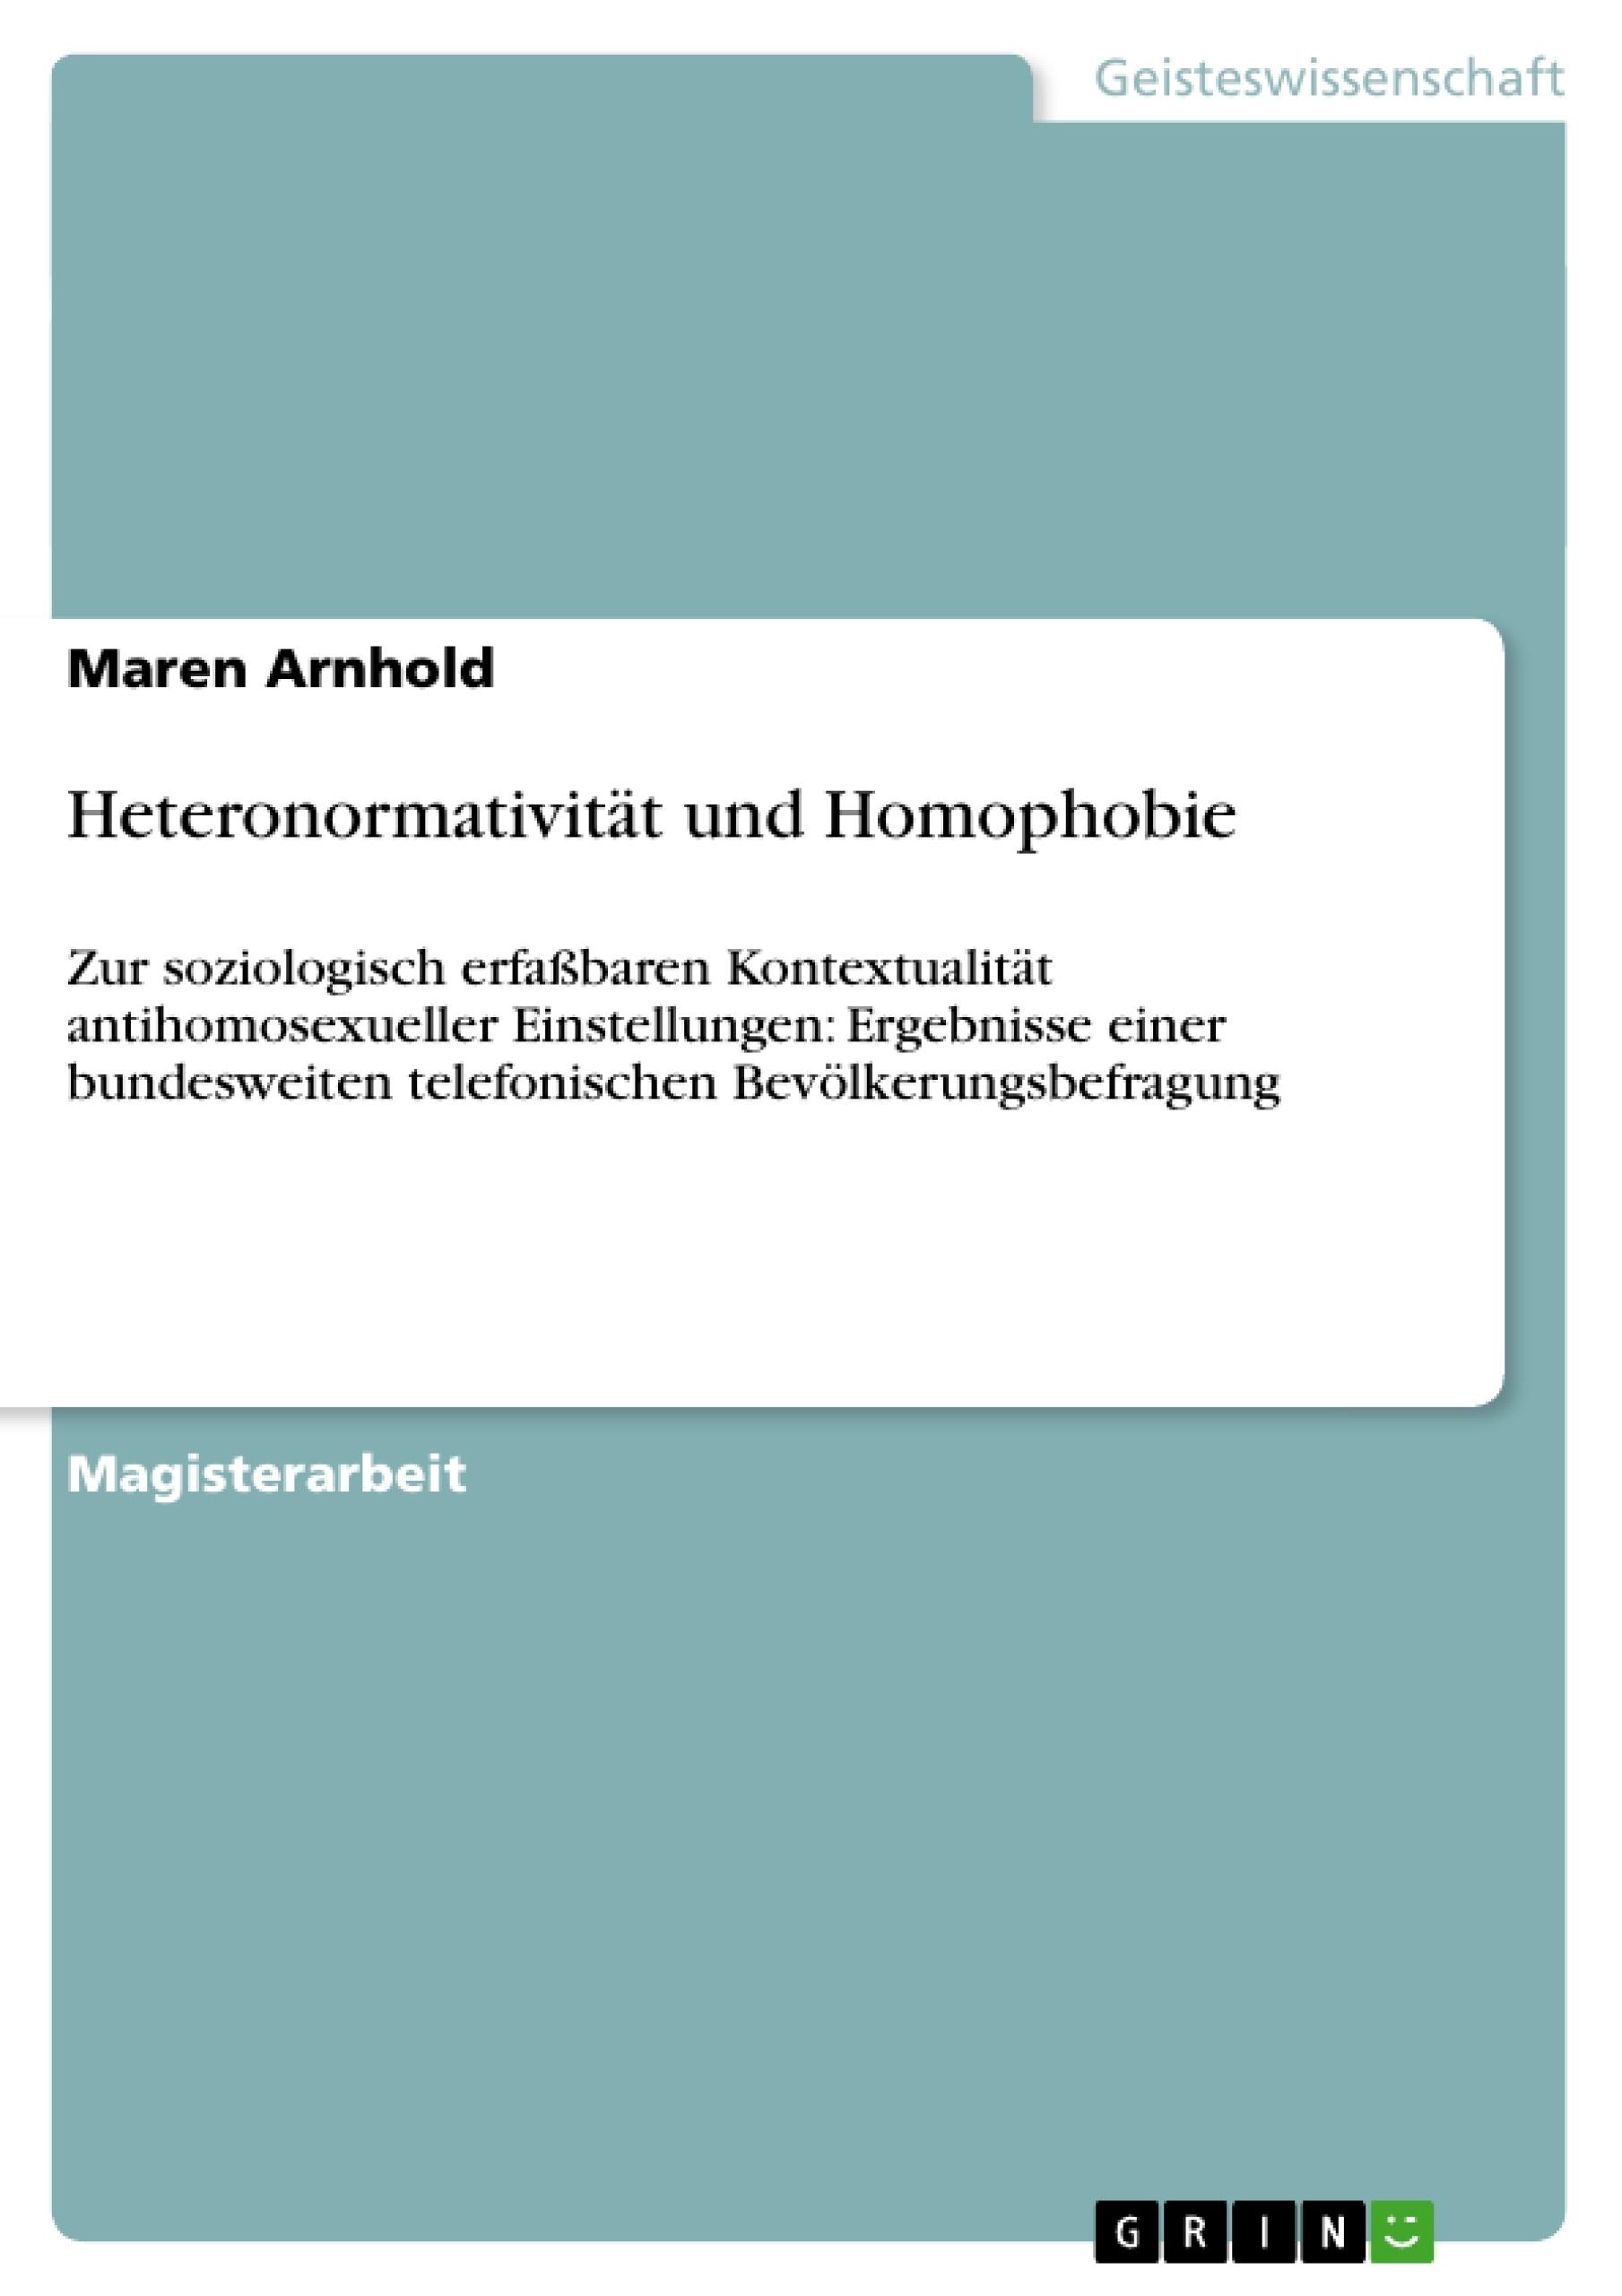 Titel: Heteronormativität und Homophobie